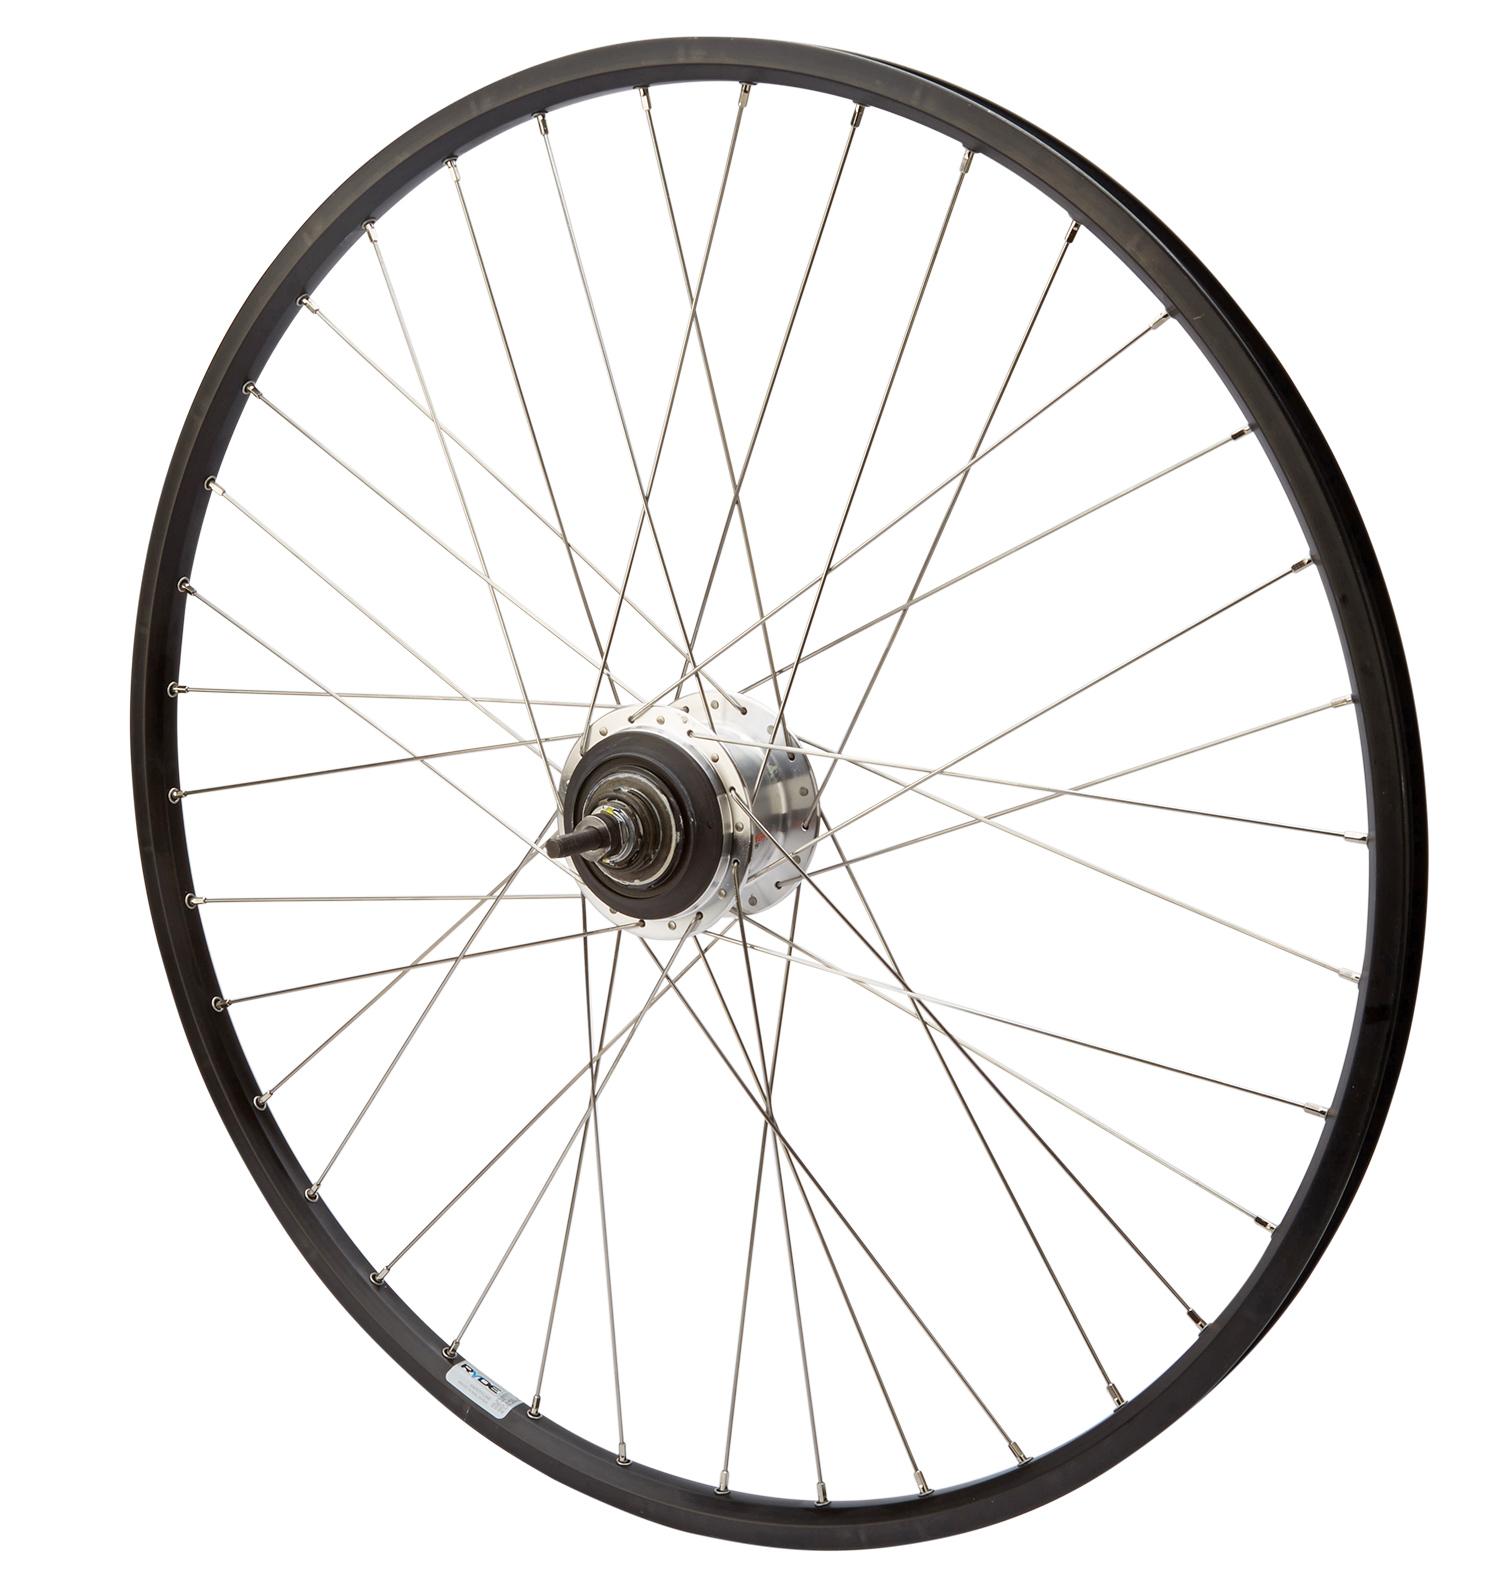 Baghjul med shimano nexus 7 gear til rullebremse sort Ryde Zac19 fælg   Rear wheel